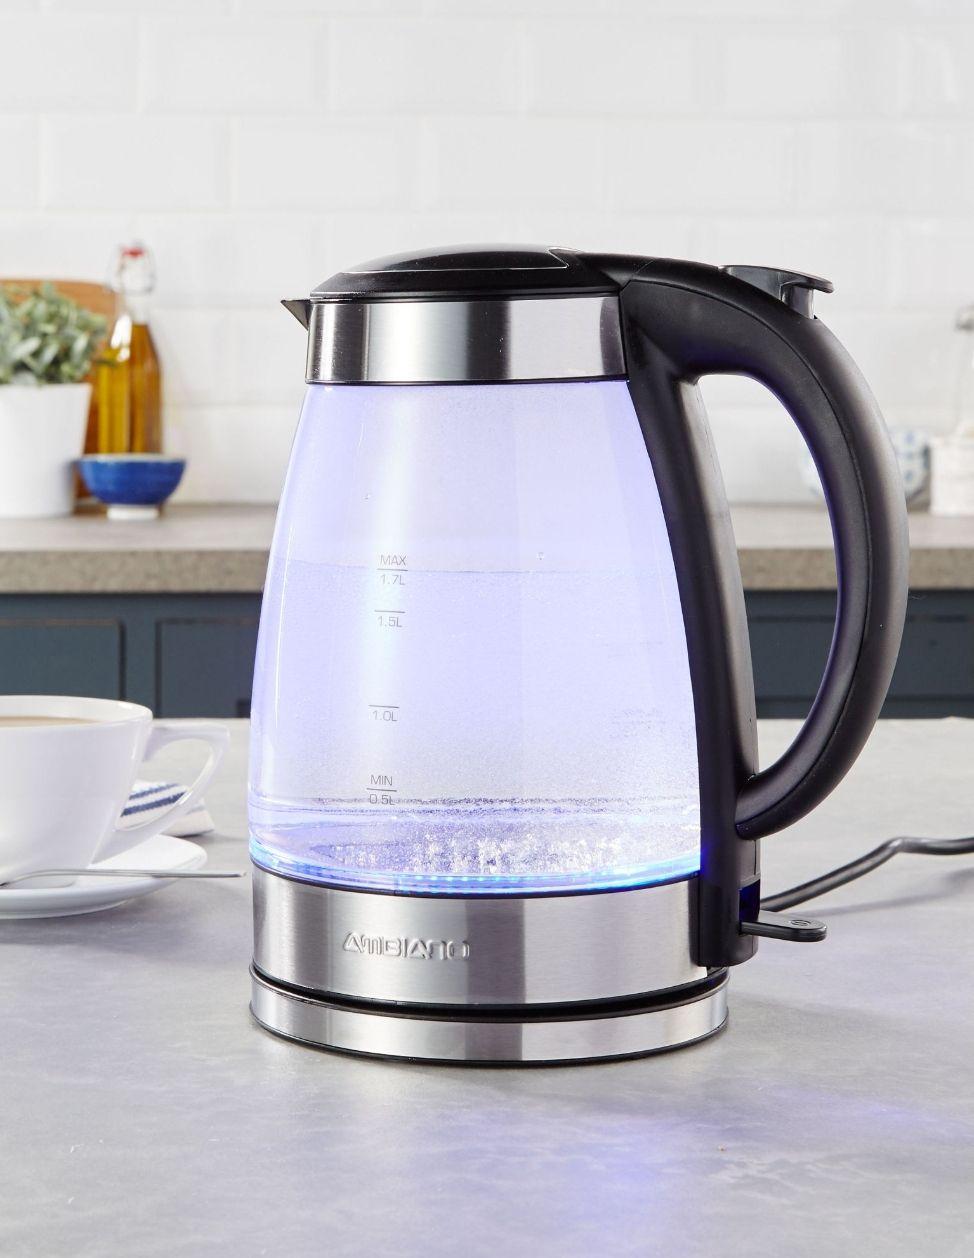 Ambiano 1.7L glass kettle £19.99 @ Aldi